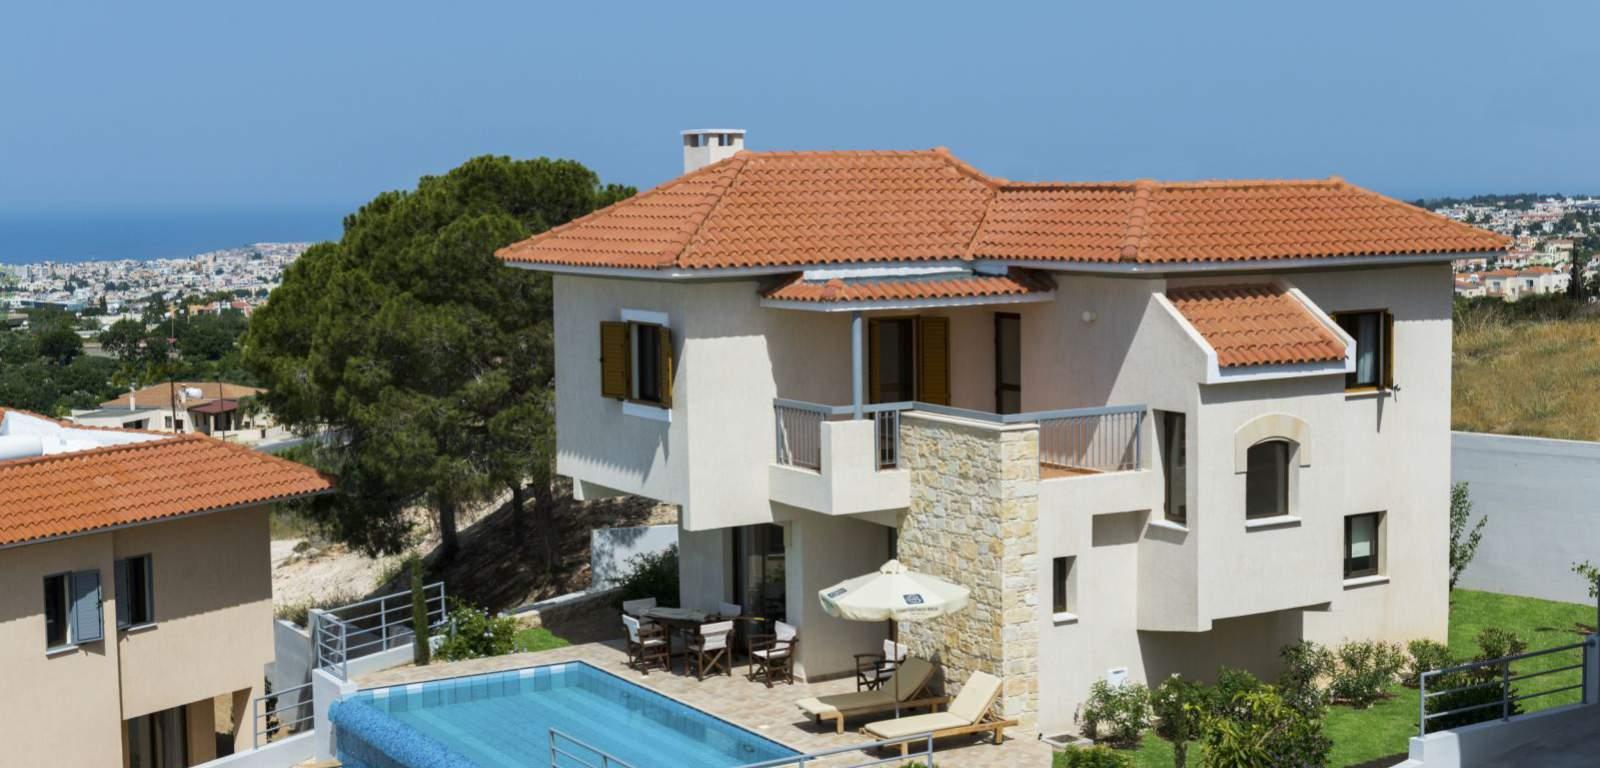 Βίλλα 135 m² στην Κύπρο